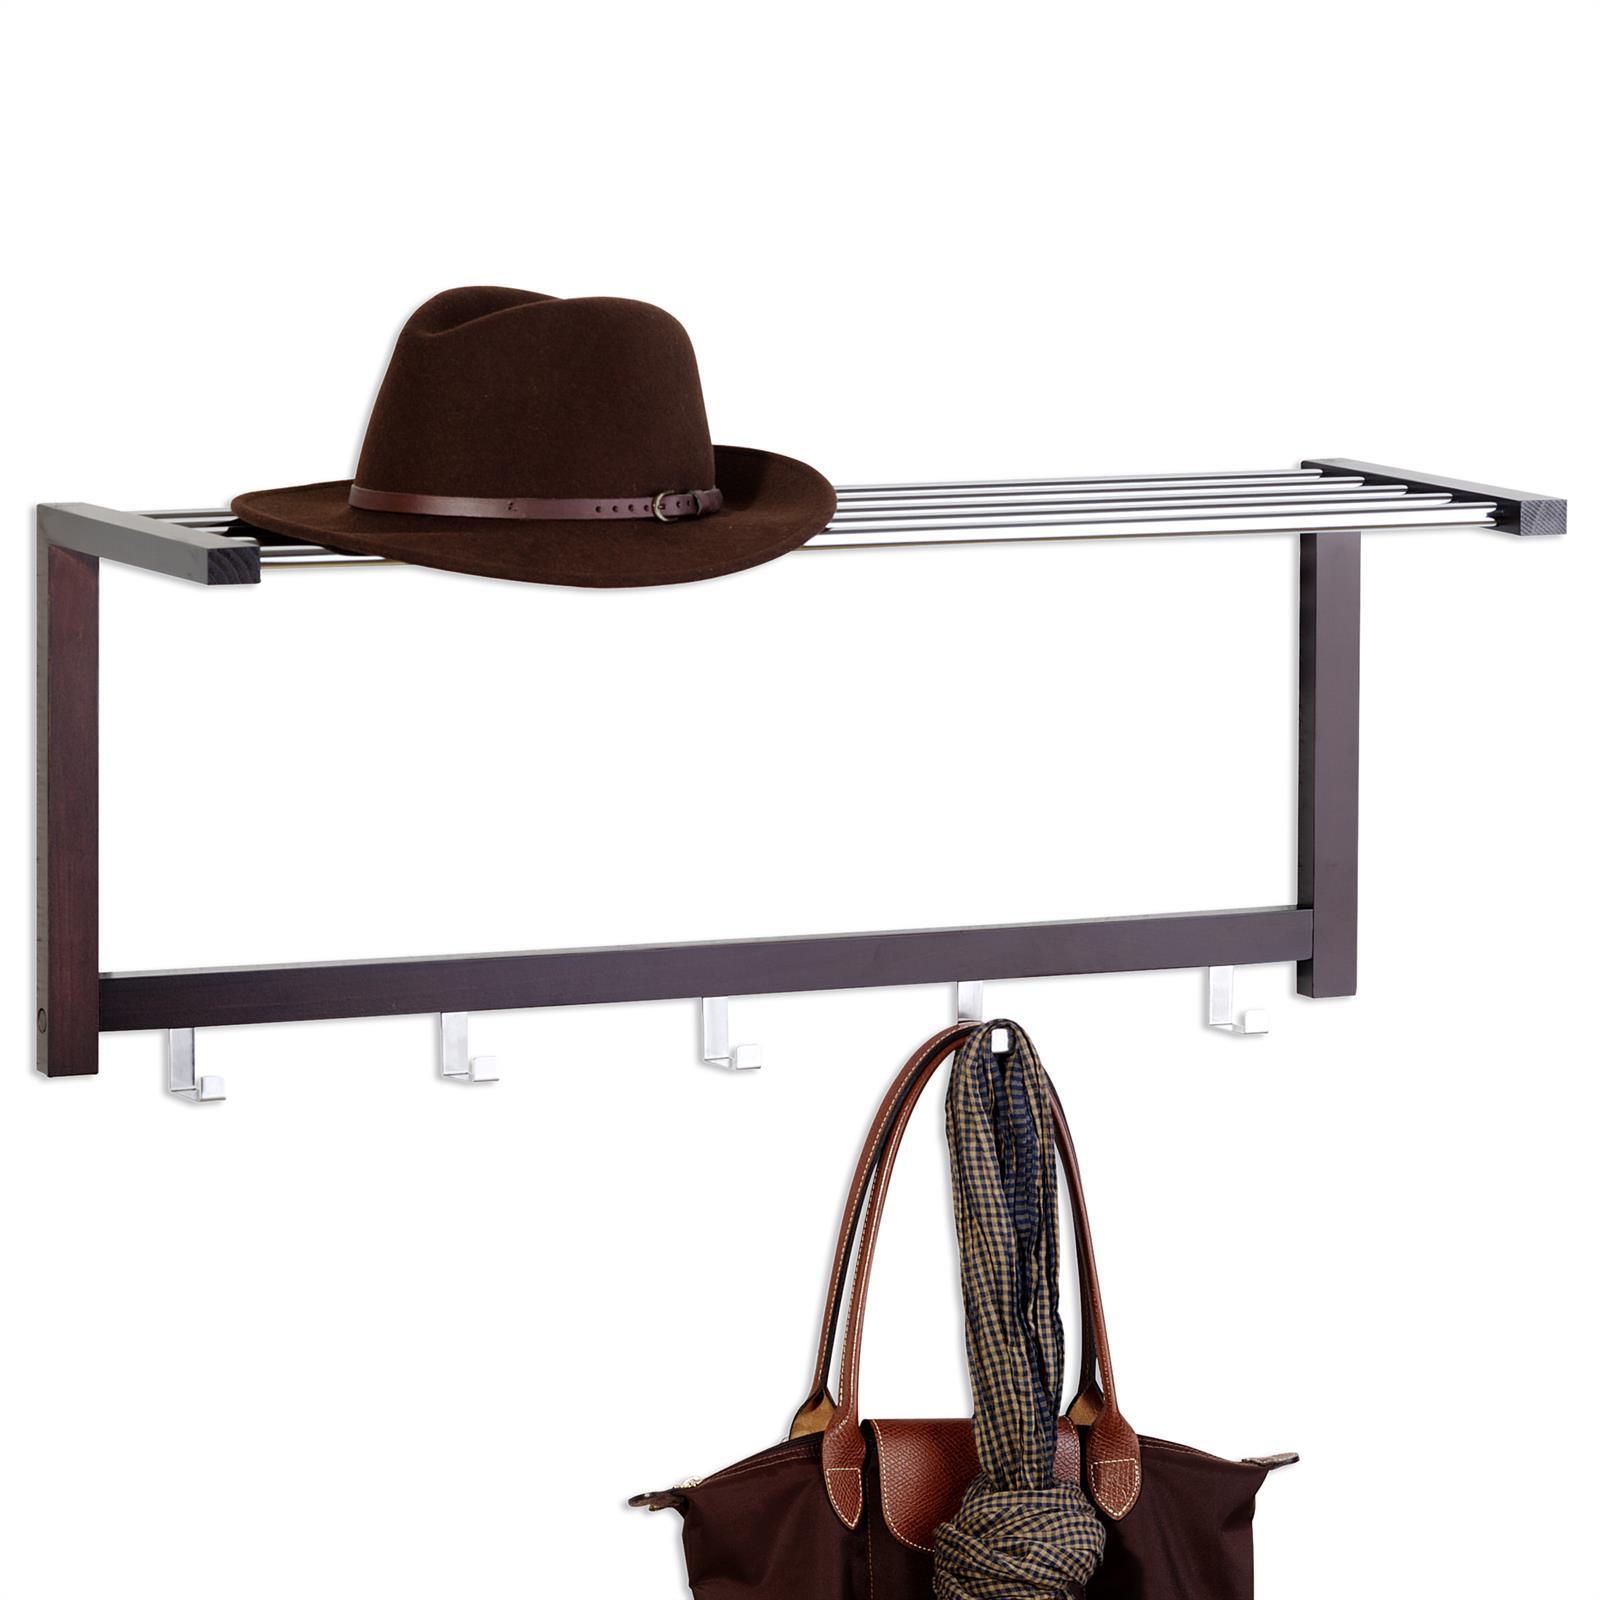 wandgarderobe armin in braun mit hutablage mobilia24. Black Bedroom Furniture Sets. Home Design Ideas